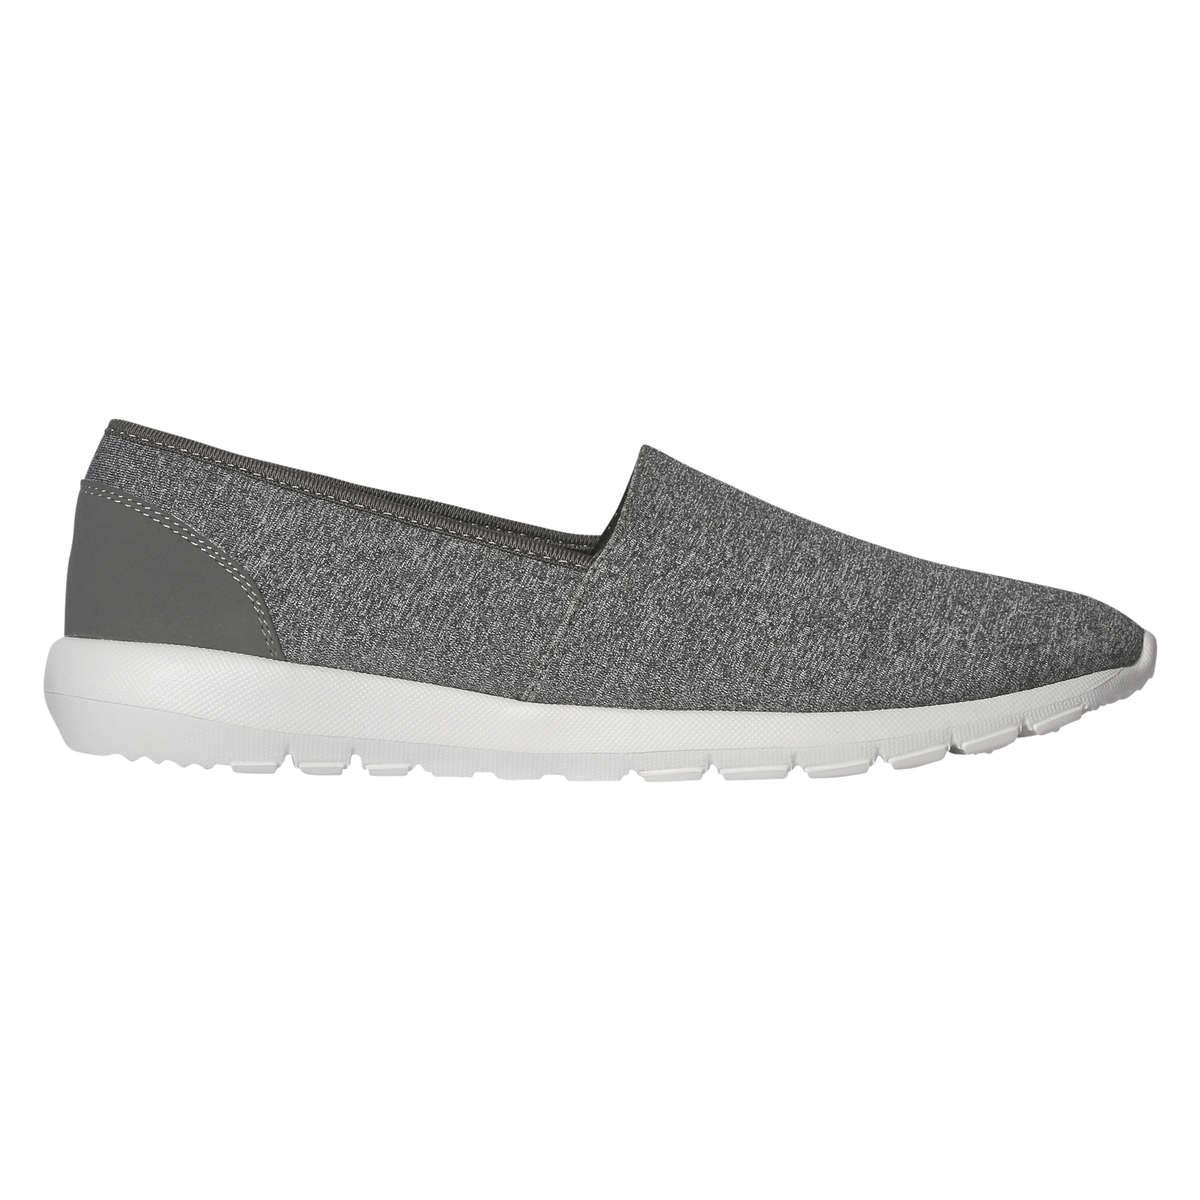 Joe fresh Flex Sole Slip Ons in Gray